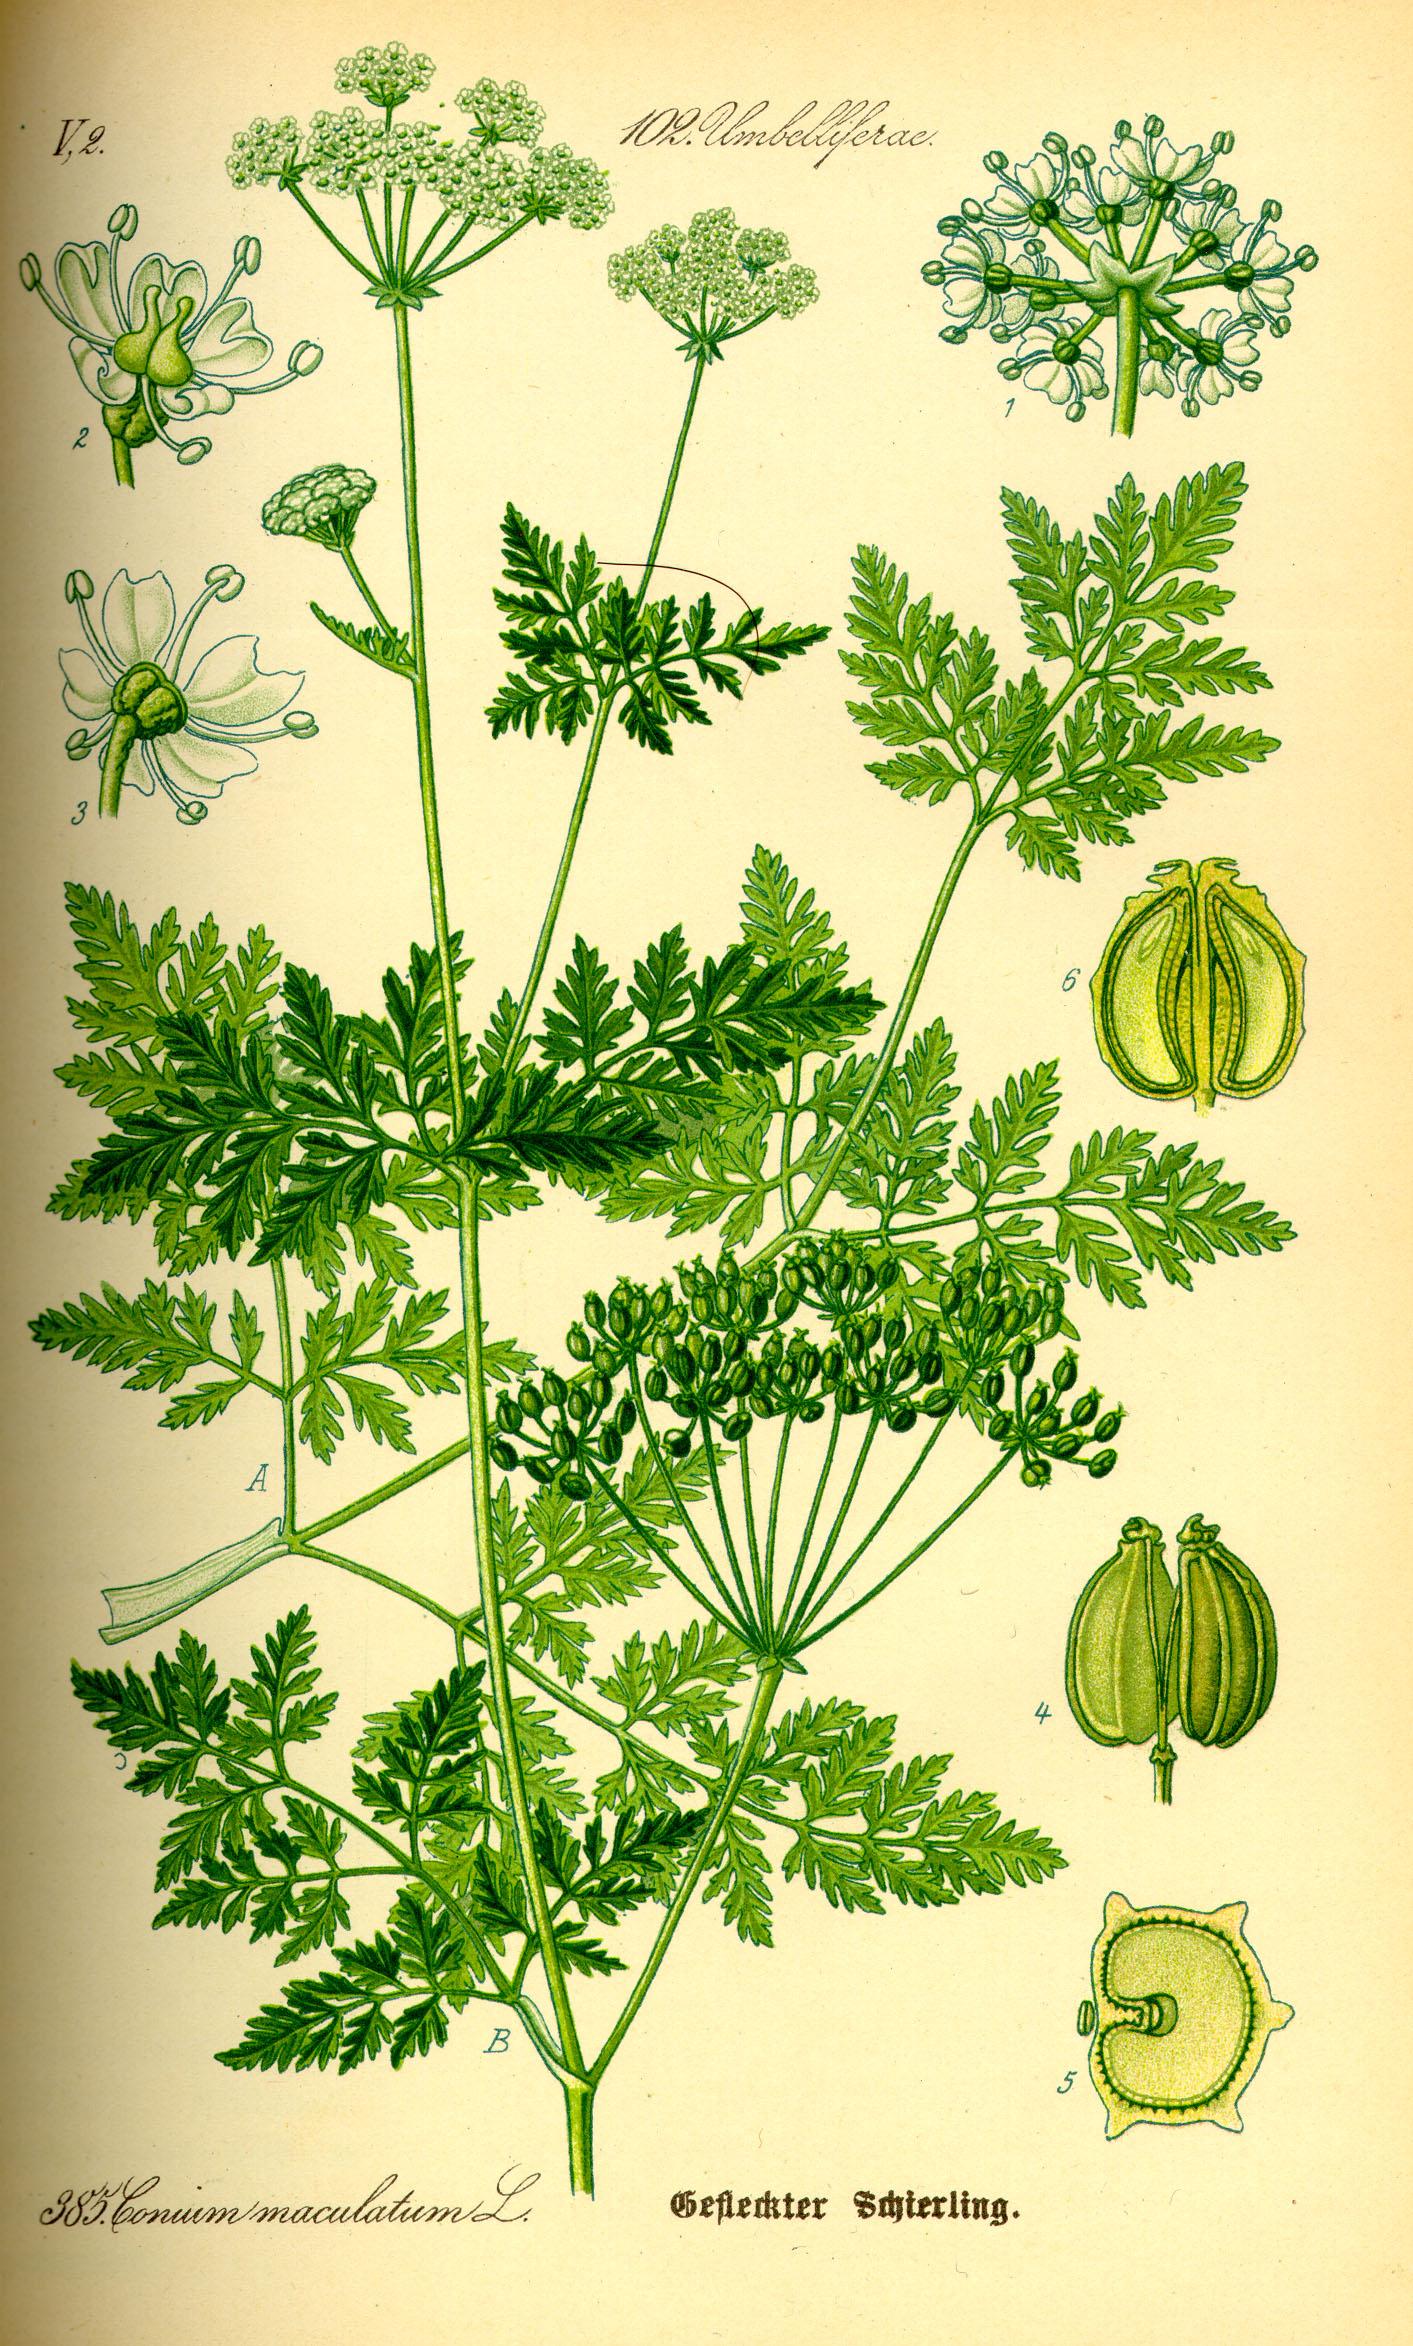 Depiction of Conium maculatum